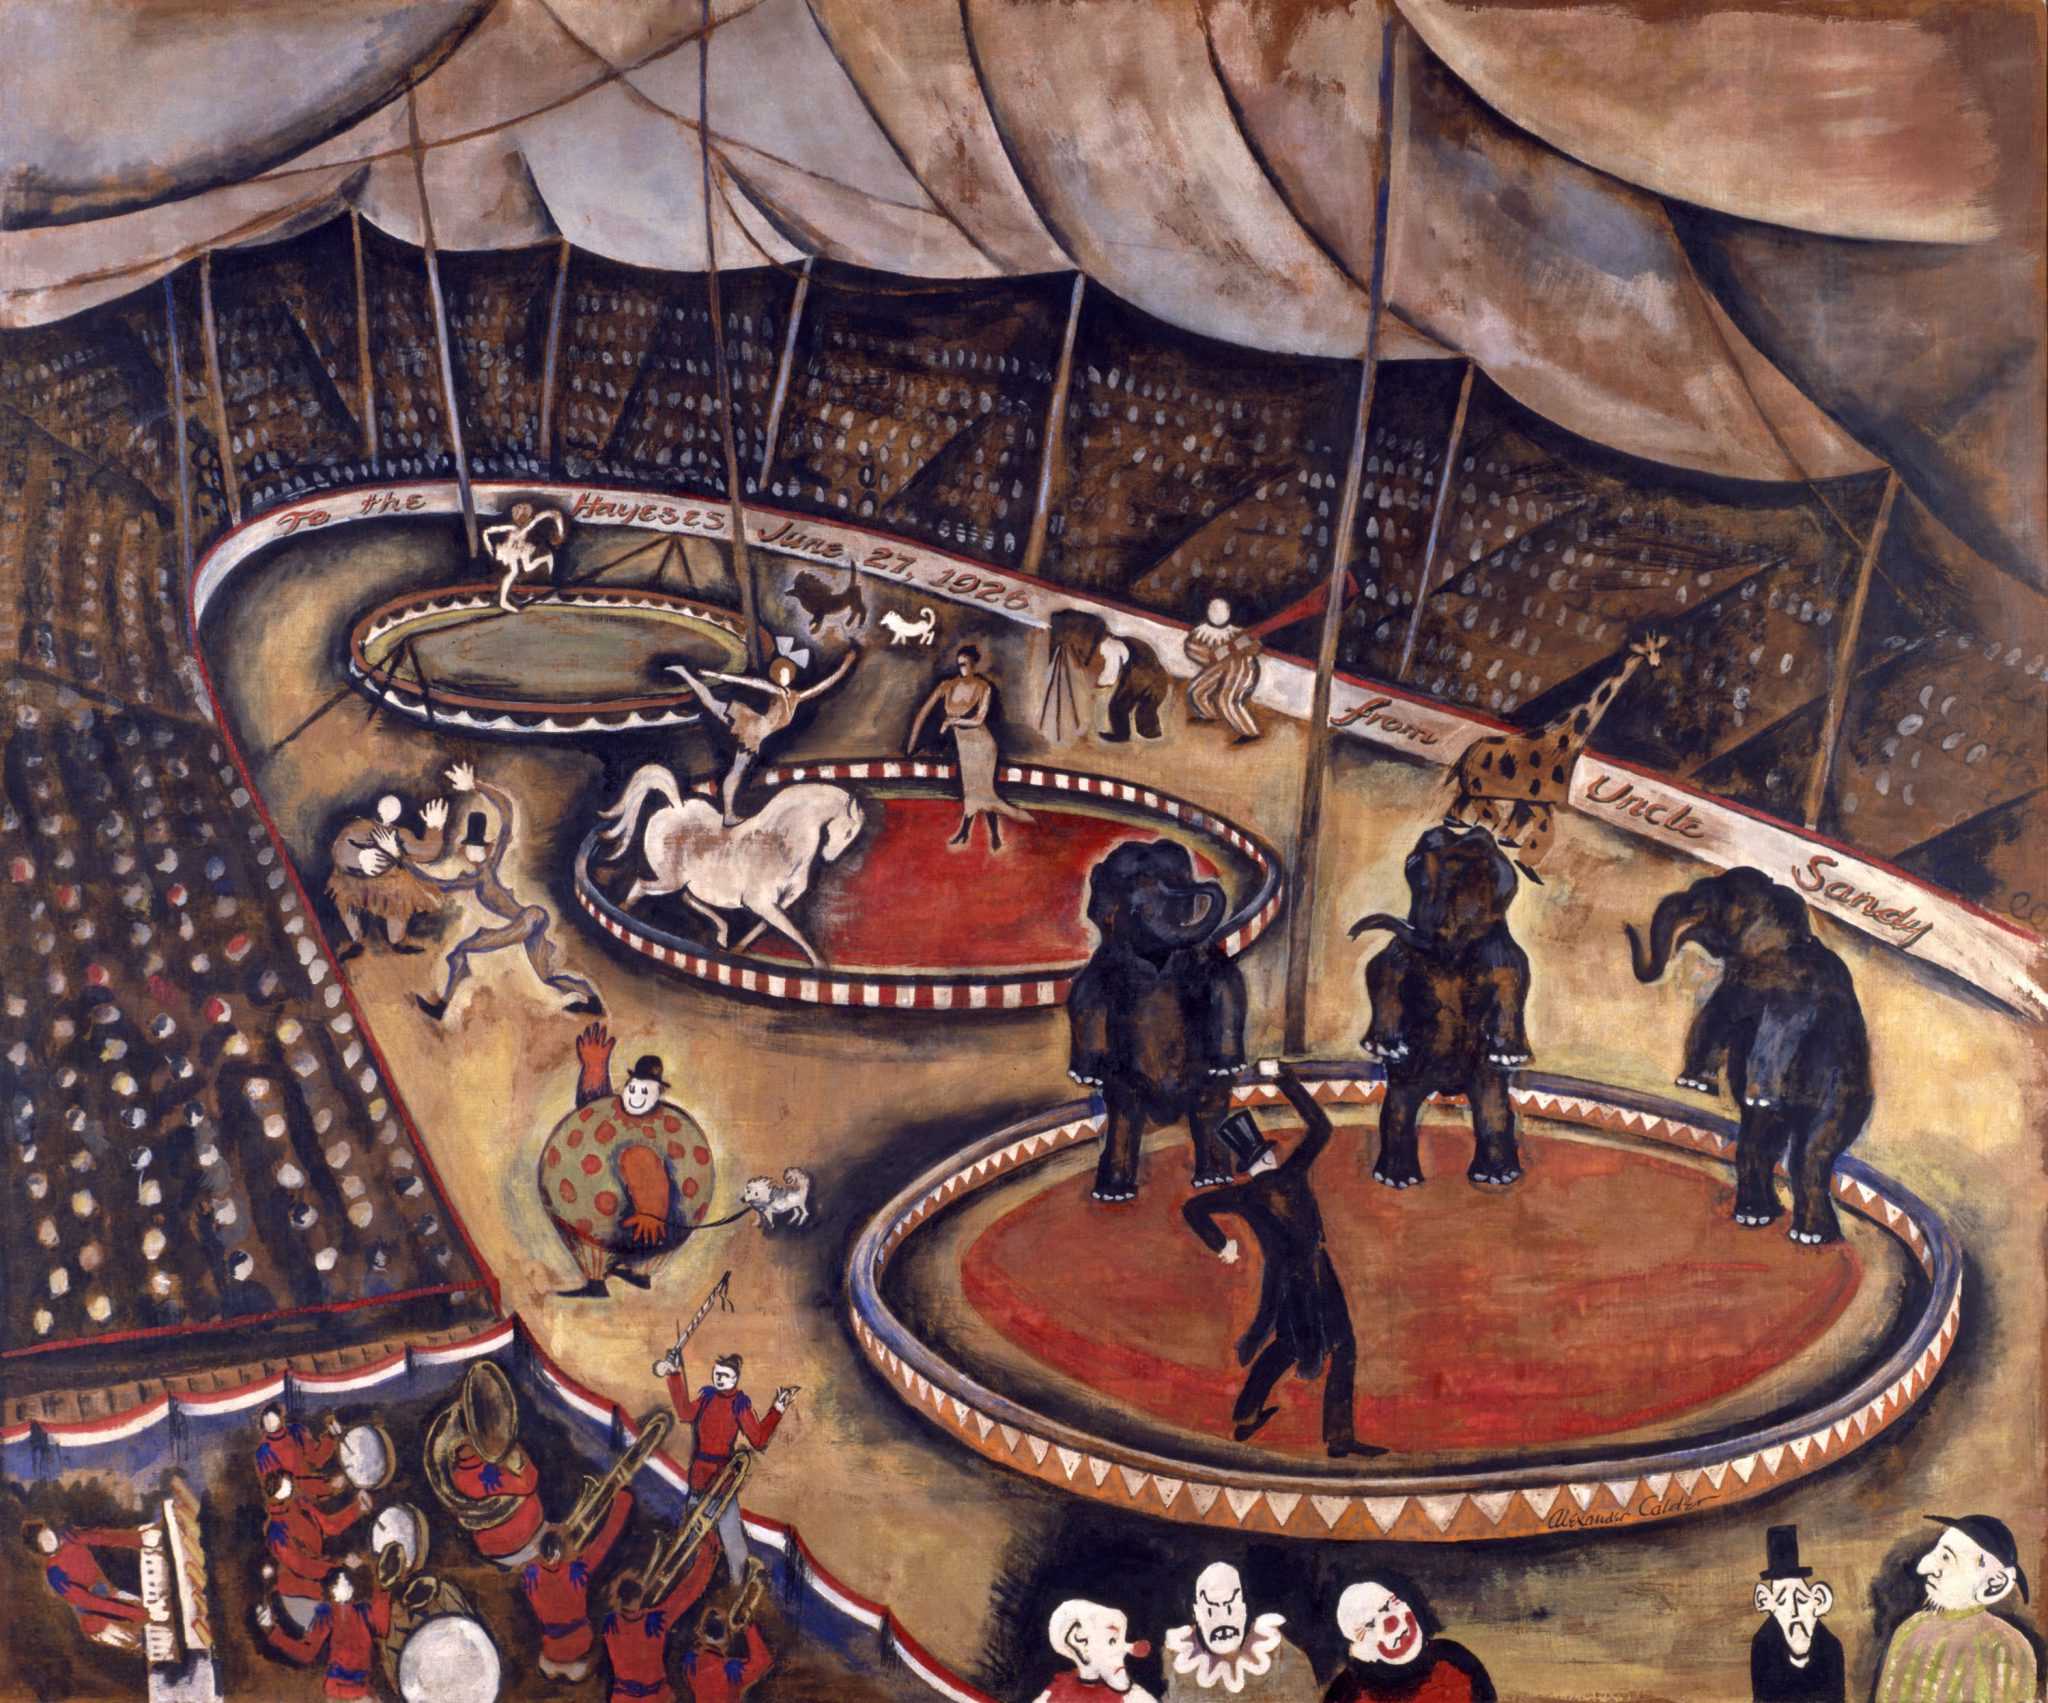 Calder, Circus scene 1926